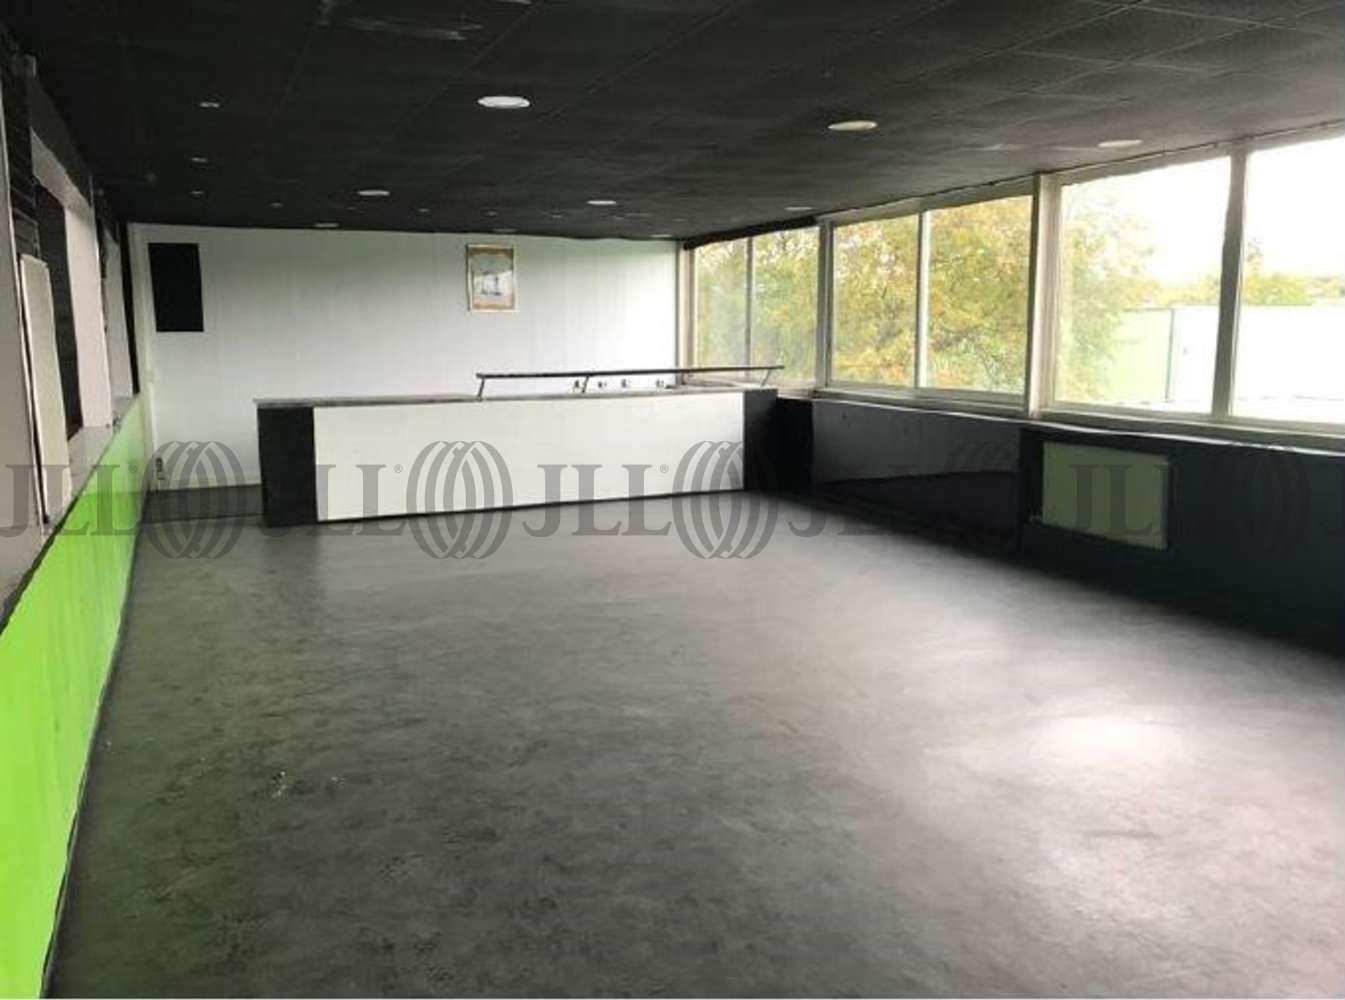 Activités/entrepôt Beauchamp, 95250 - 200 CHAUSSEE JULES CESAR